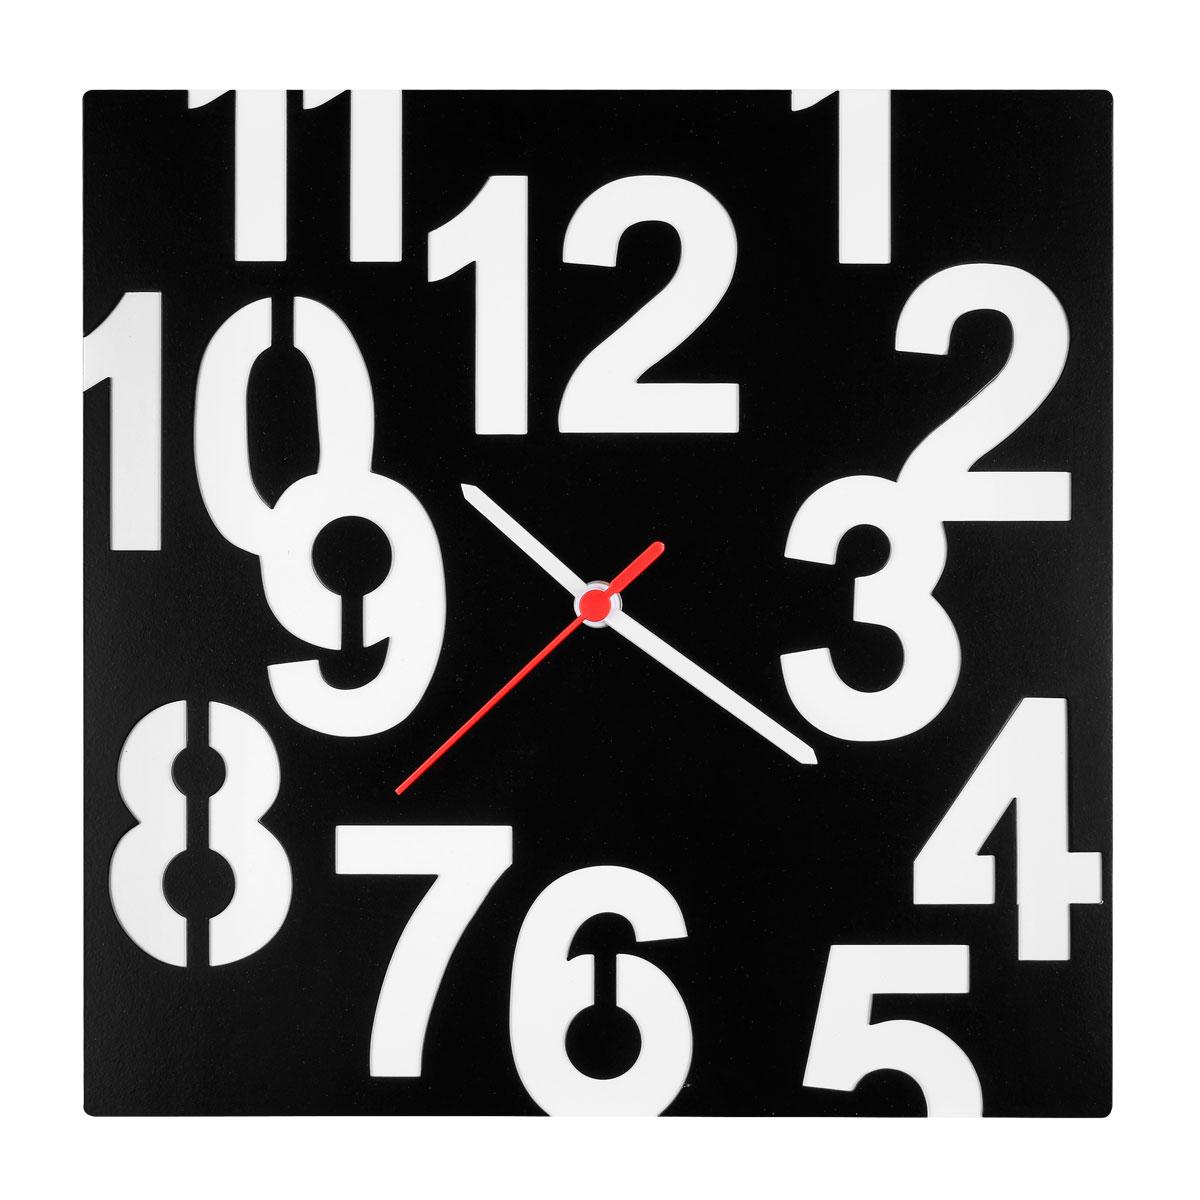 Часы настенные Miolla Квадрат с цифрамиSC - 33CОригинальные настенные часы квадратной формы выполнены из стали. Часы имеют три стрелки - часовую, минутную и секундную и циферблат с цифрами. Необычное дизайнерское решение и качество исполнения придутся по вкусу каждому.Часы работают от 1 батарейки типа АА напряжением 1,5 В.